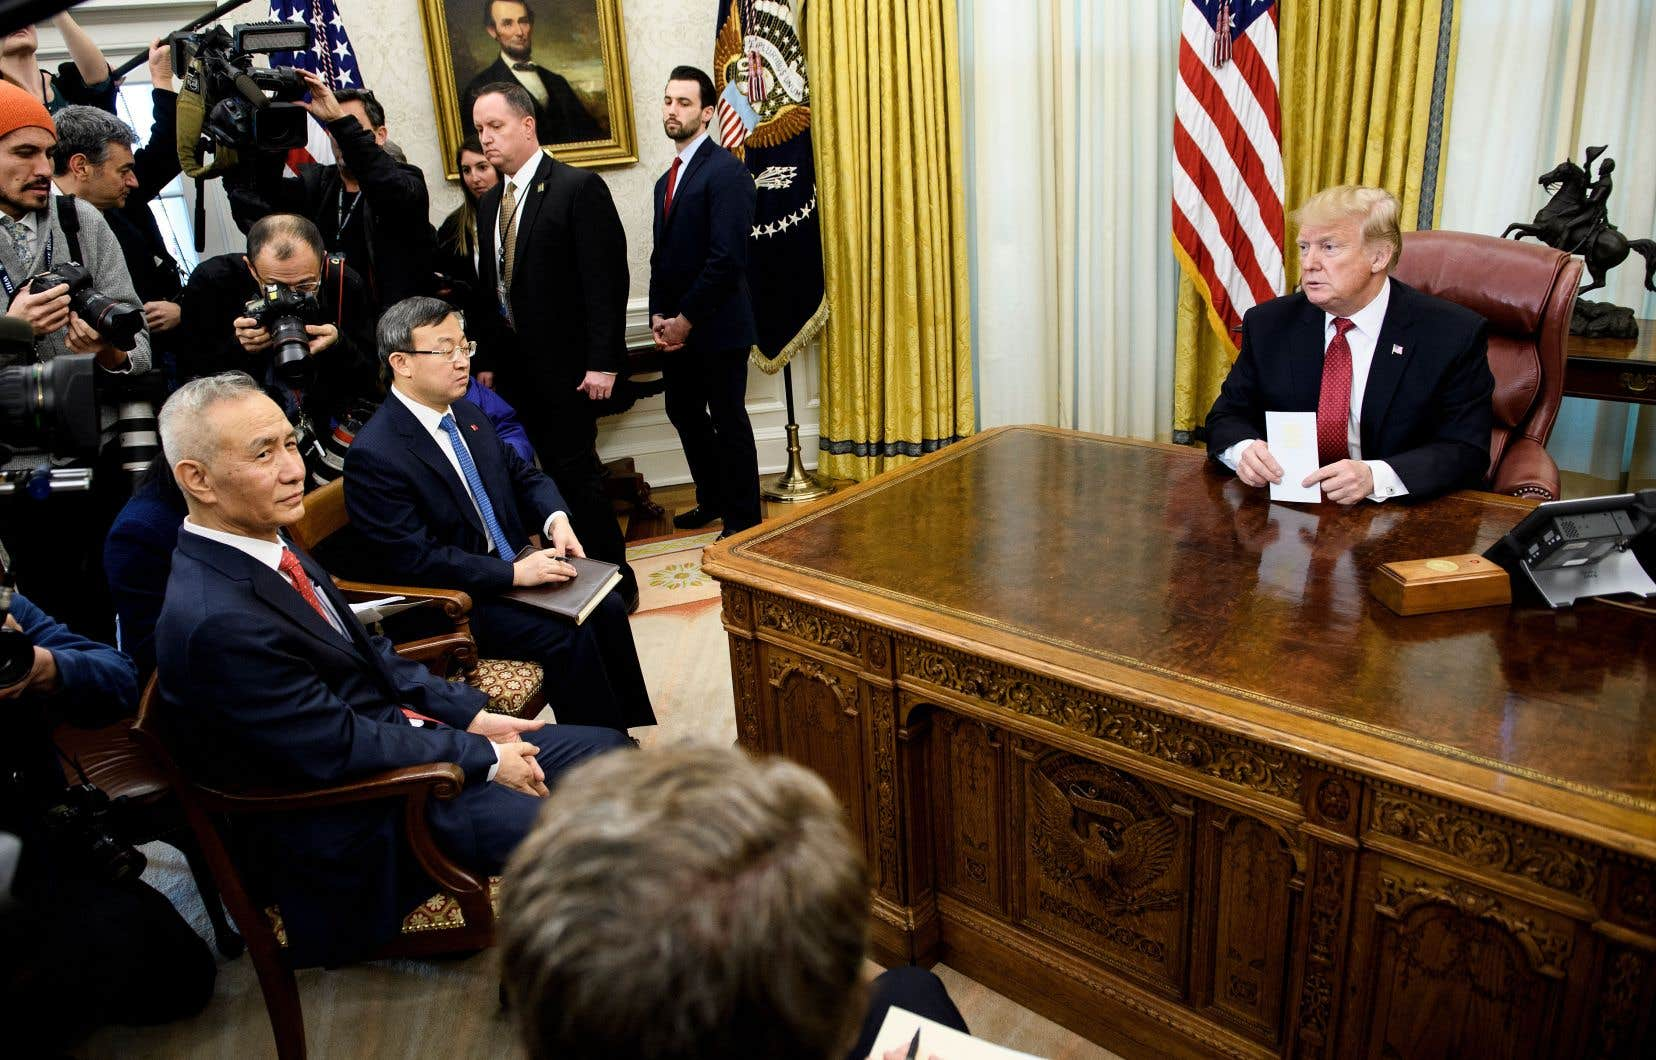 Le vice-premier ministre chinois, Liu He (au premier plan, à gauche), et le président américain, Donald Trump, avant une rencontre avec leurs négociateurs, le 31janvier dernier à la Maison-Blanche